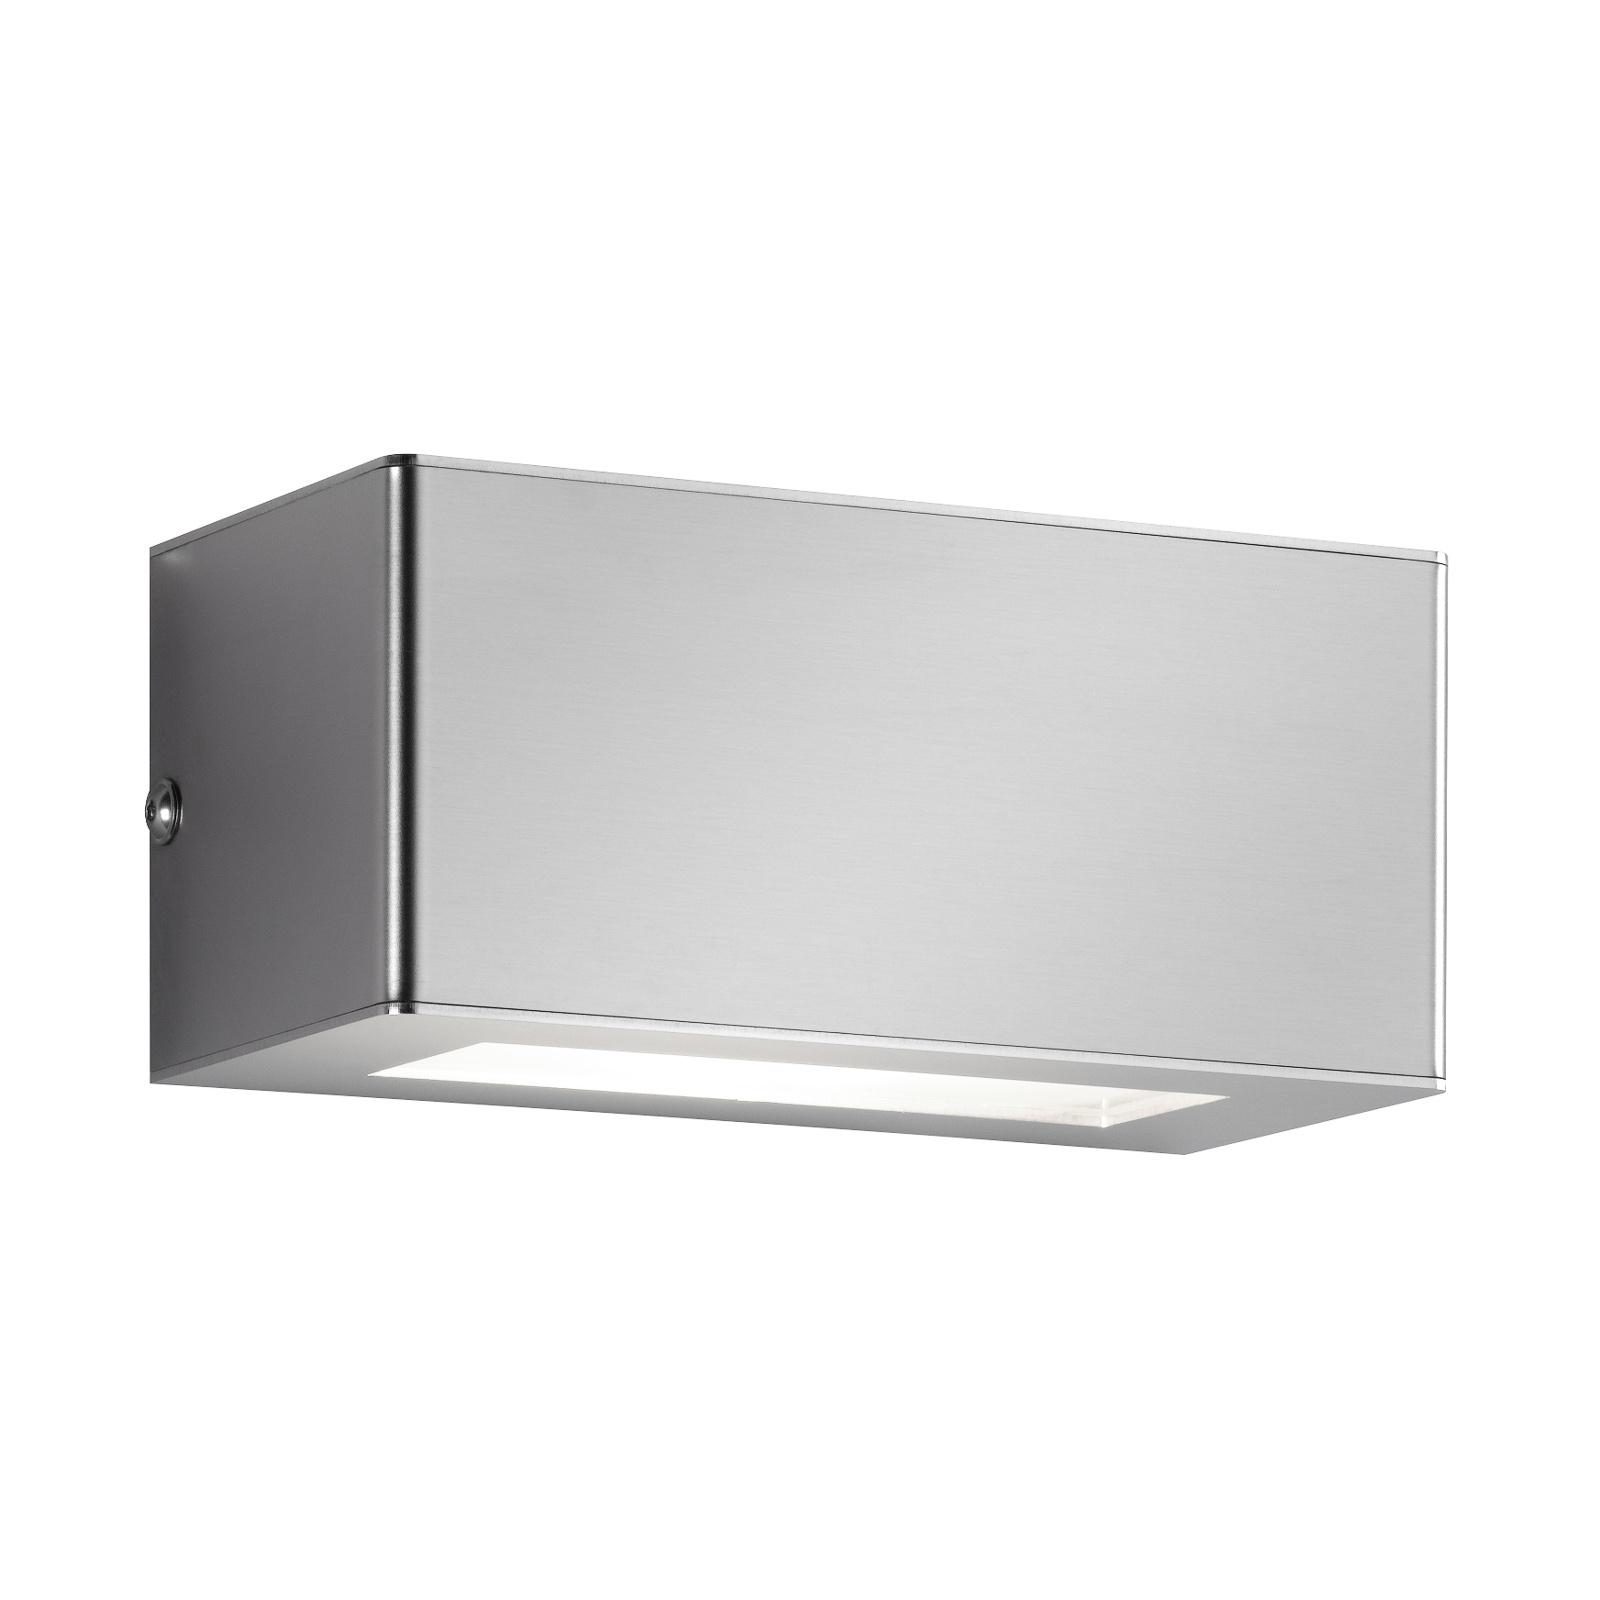 LED-utomhusvägglampa Aqua Stone med 2 lampor